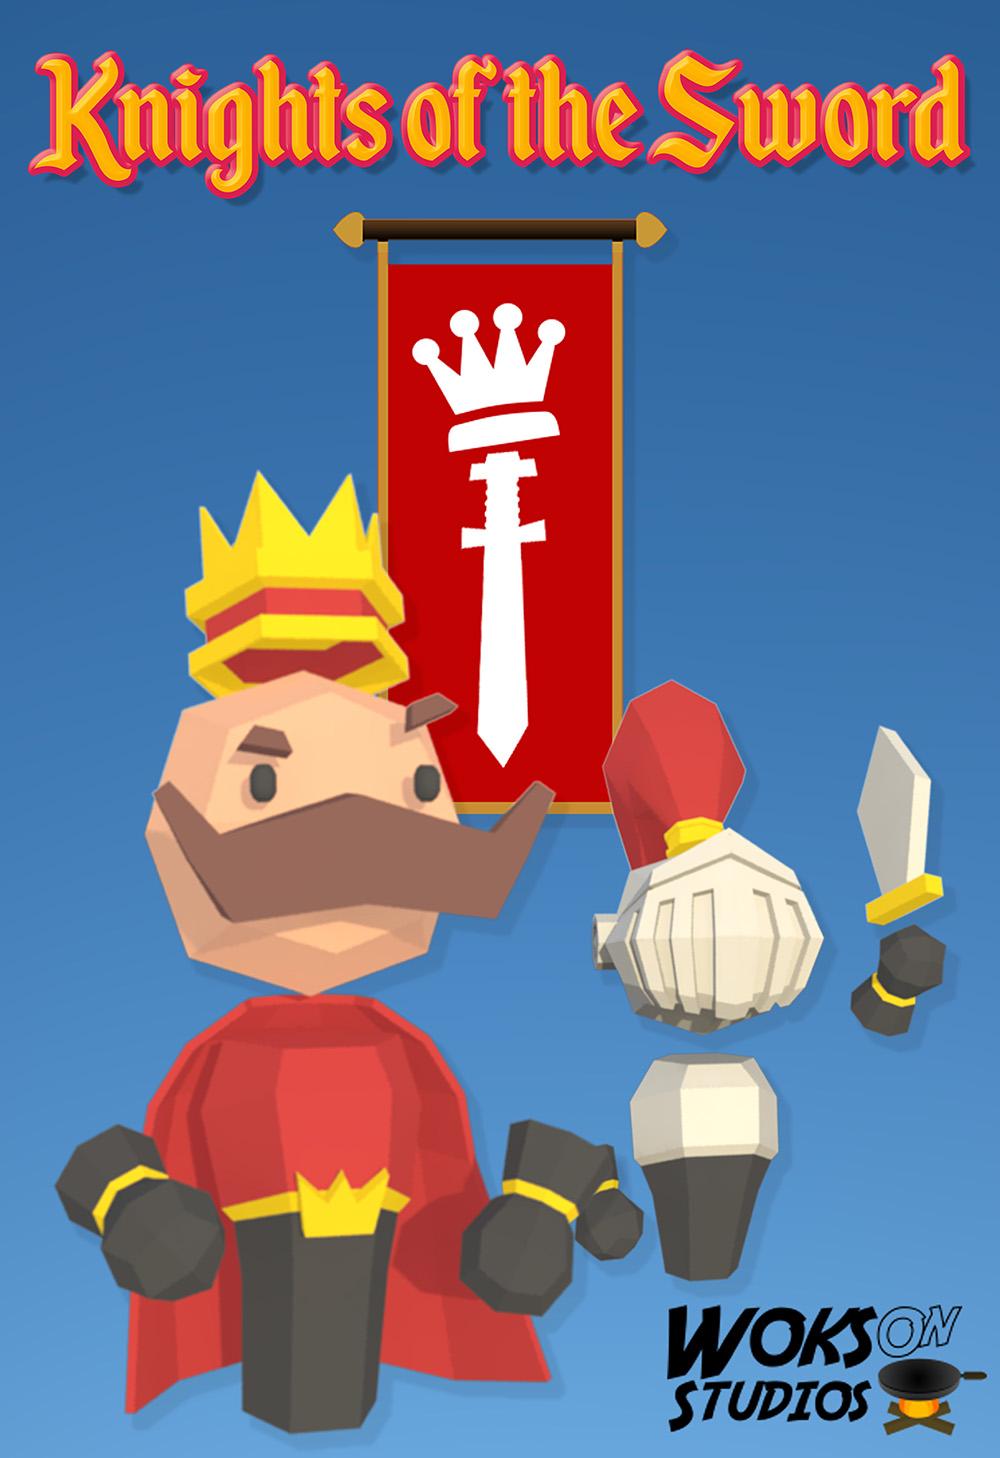 knightsofthesword1